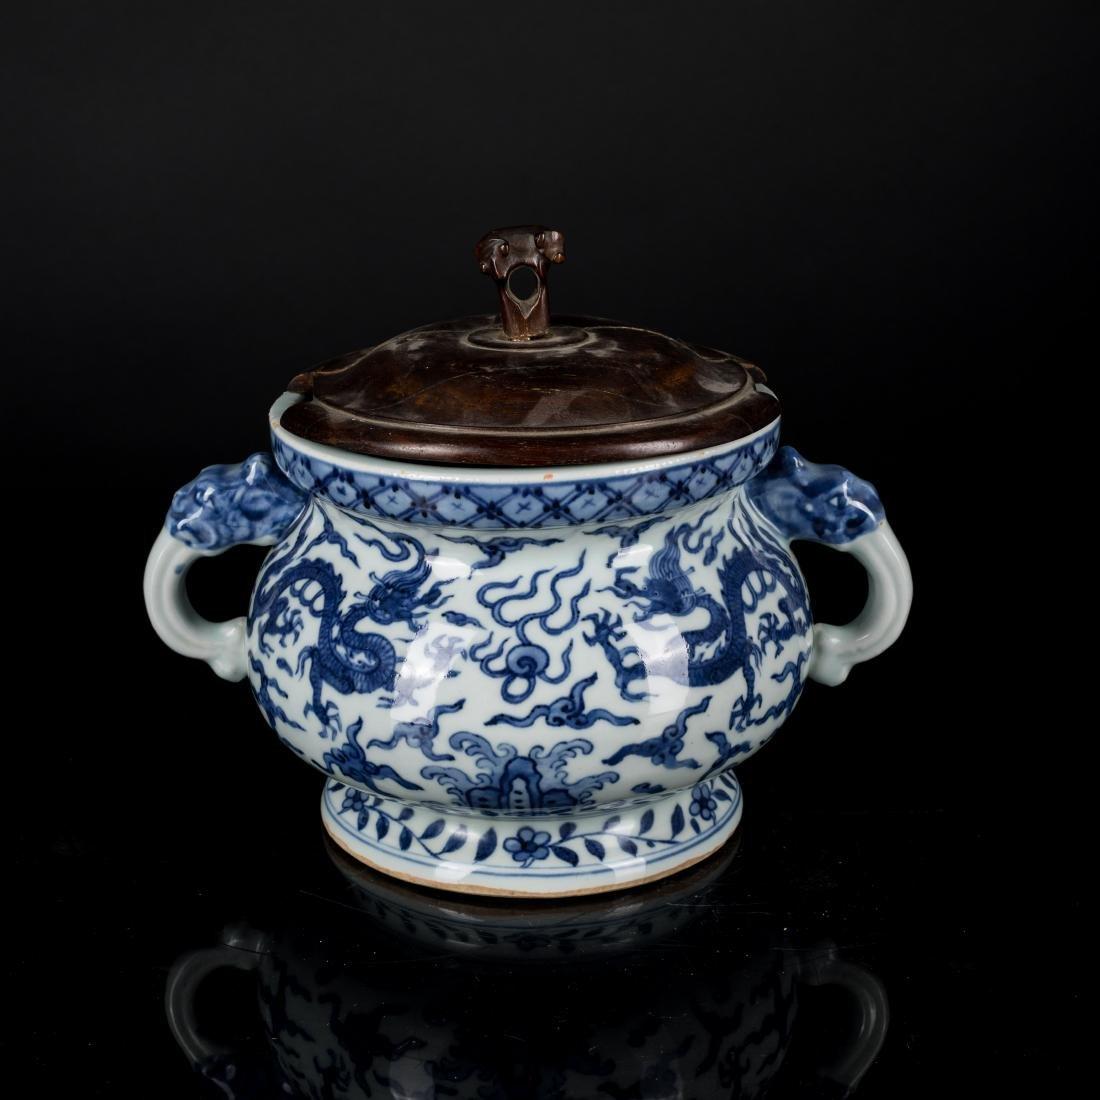 Jiajing Mark Antique Blue and White Censer - 3